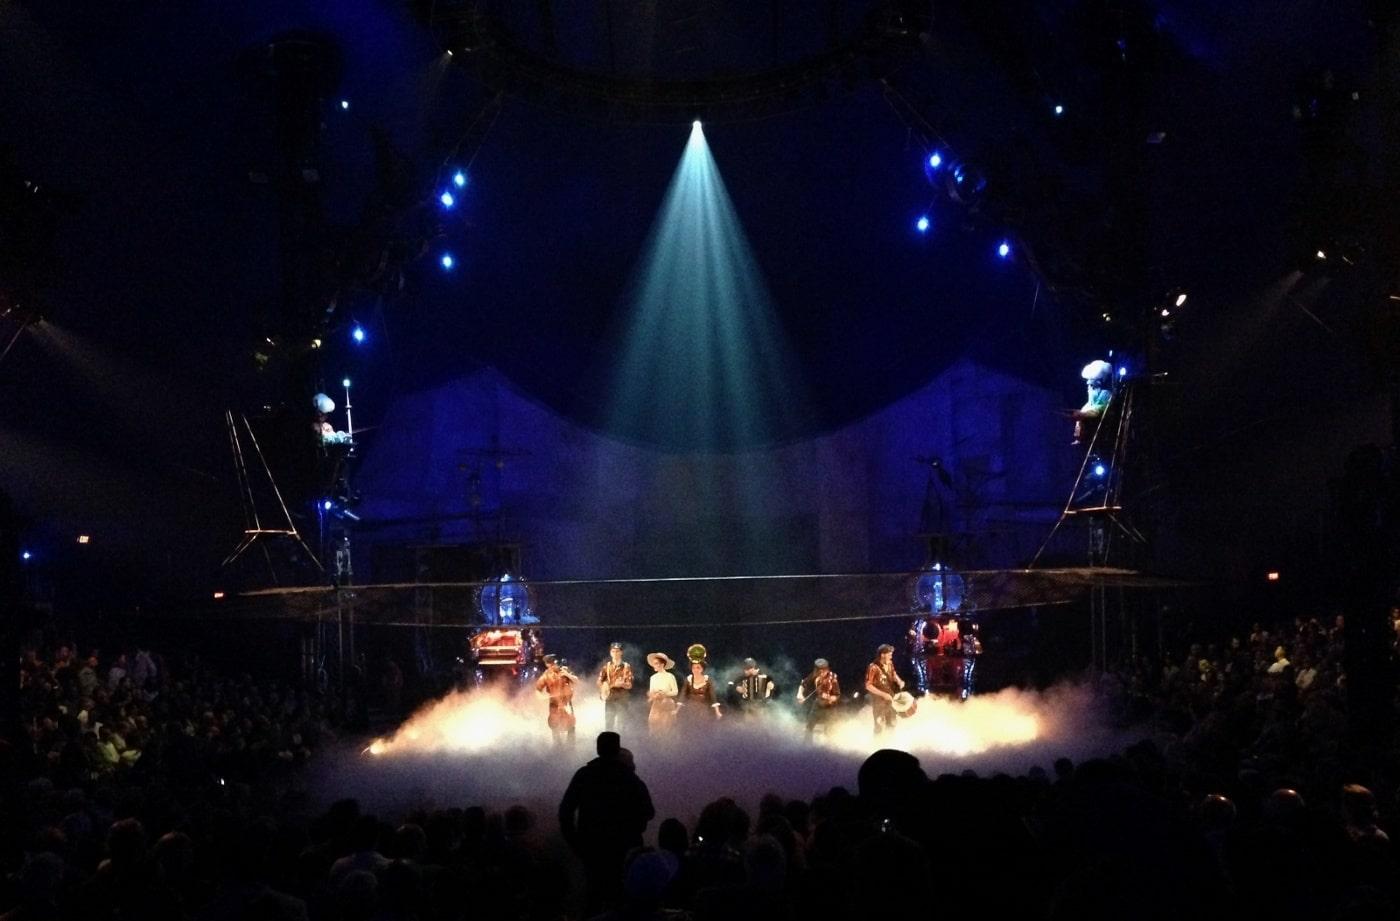 Cirque-du-Soleil-em-Quebec-no-Canadá-Kurios-Cabinet-of-Curiosities-Foto-Nathalia-Molina-4